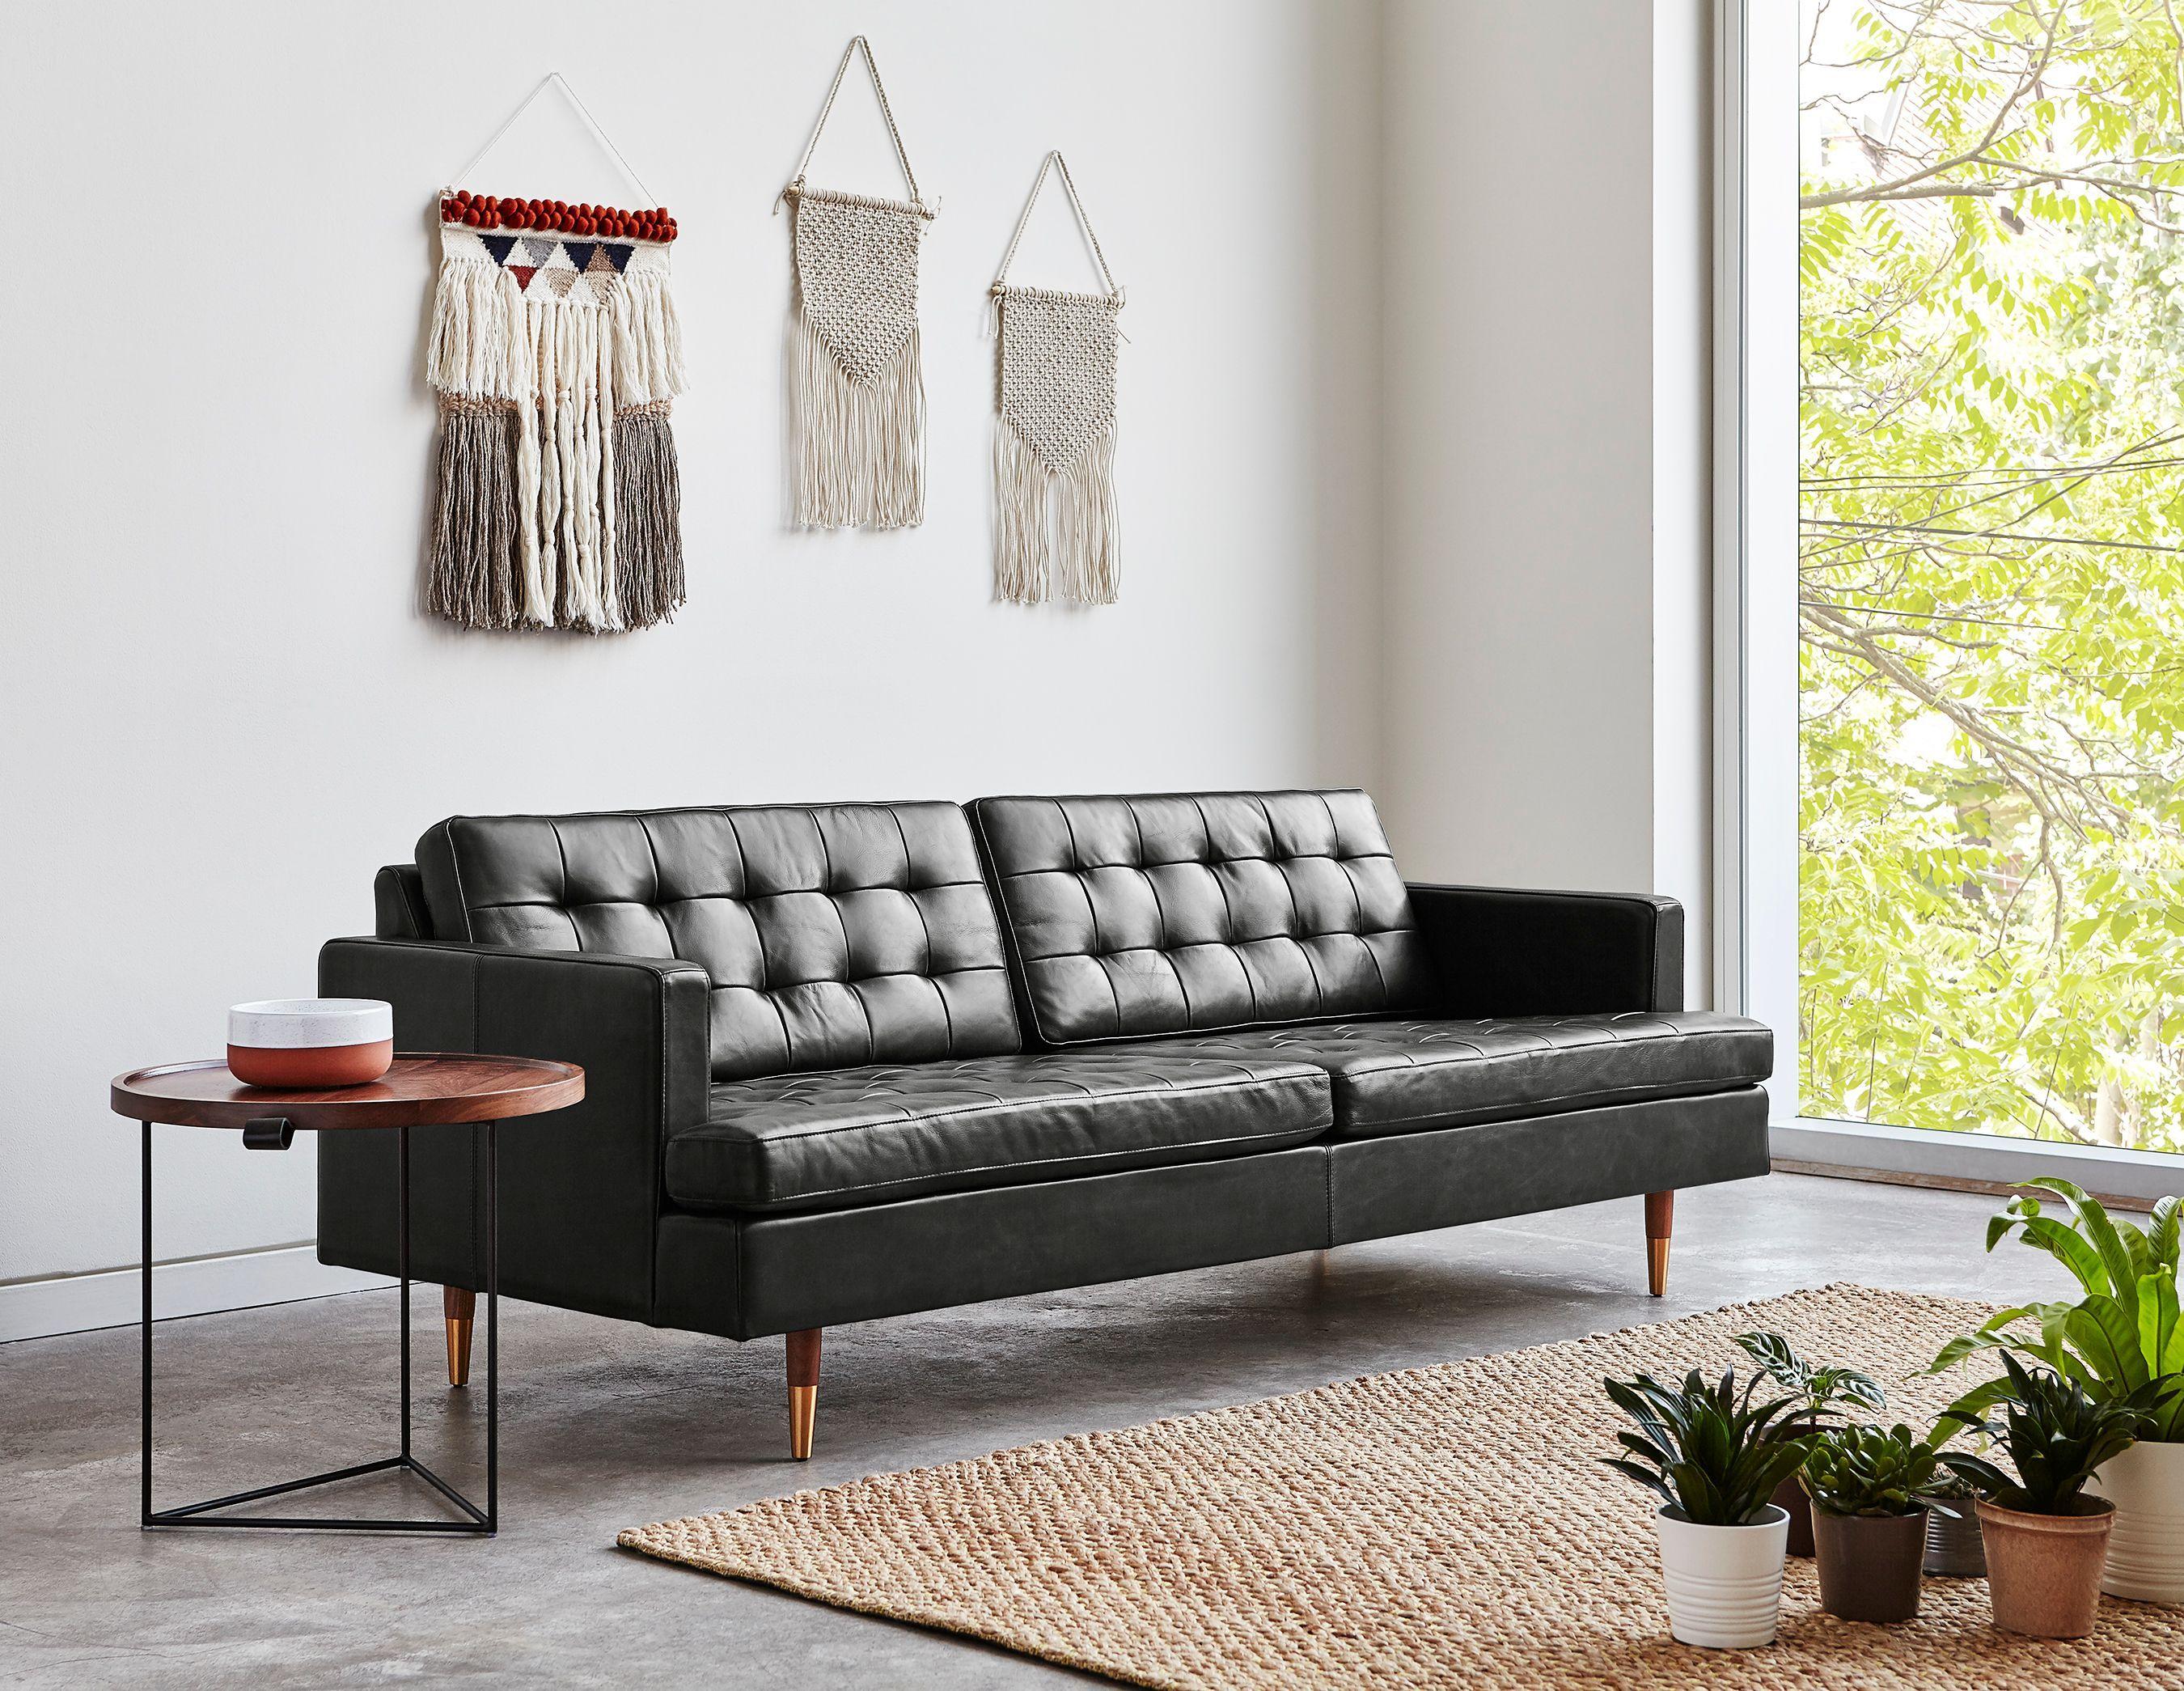 Archer Sofa Best Leather Sofa Tufted Leather Sofa Leather Sofa